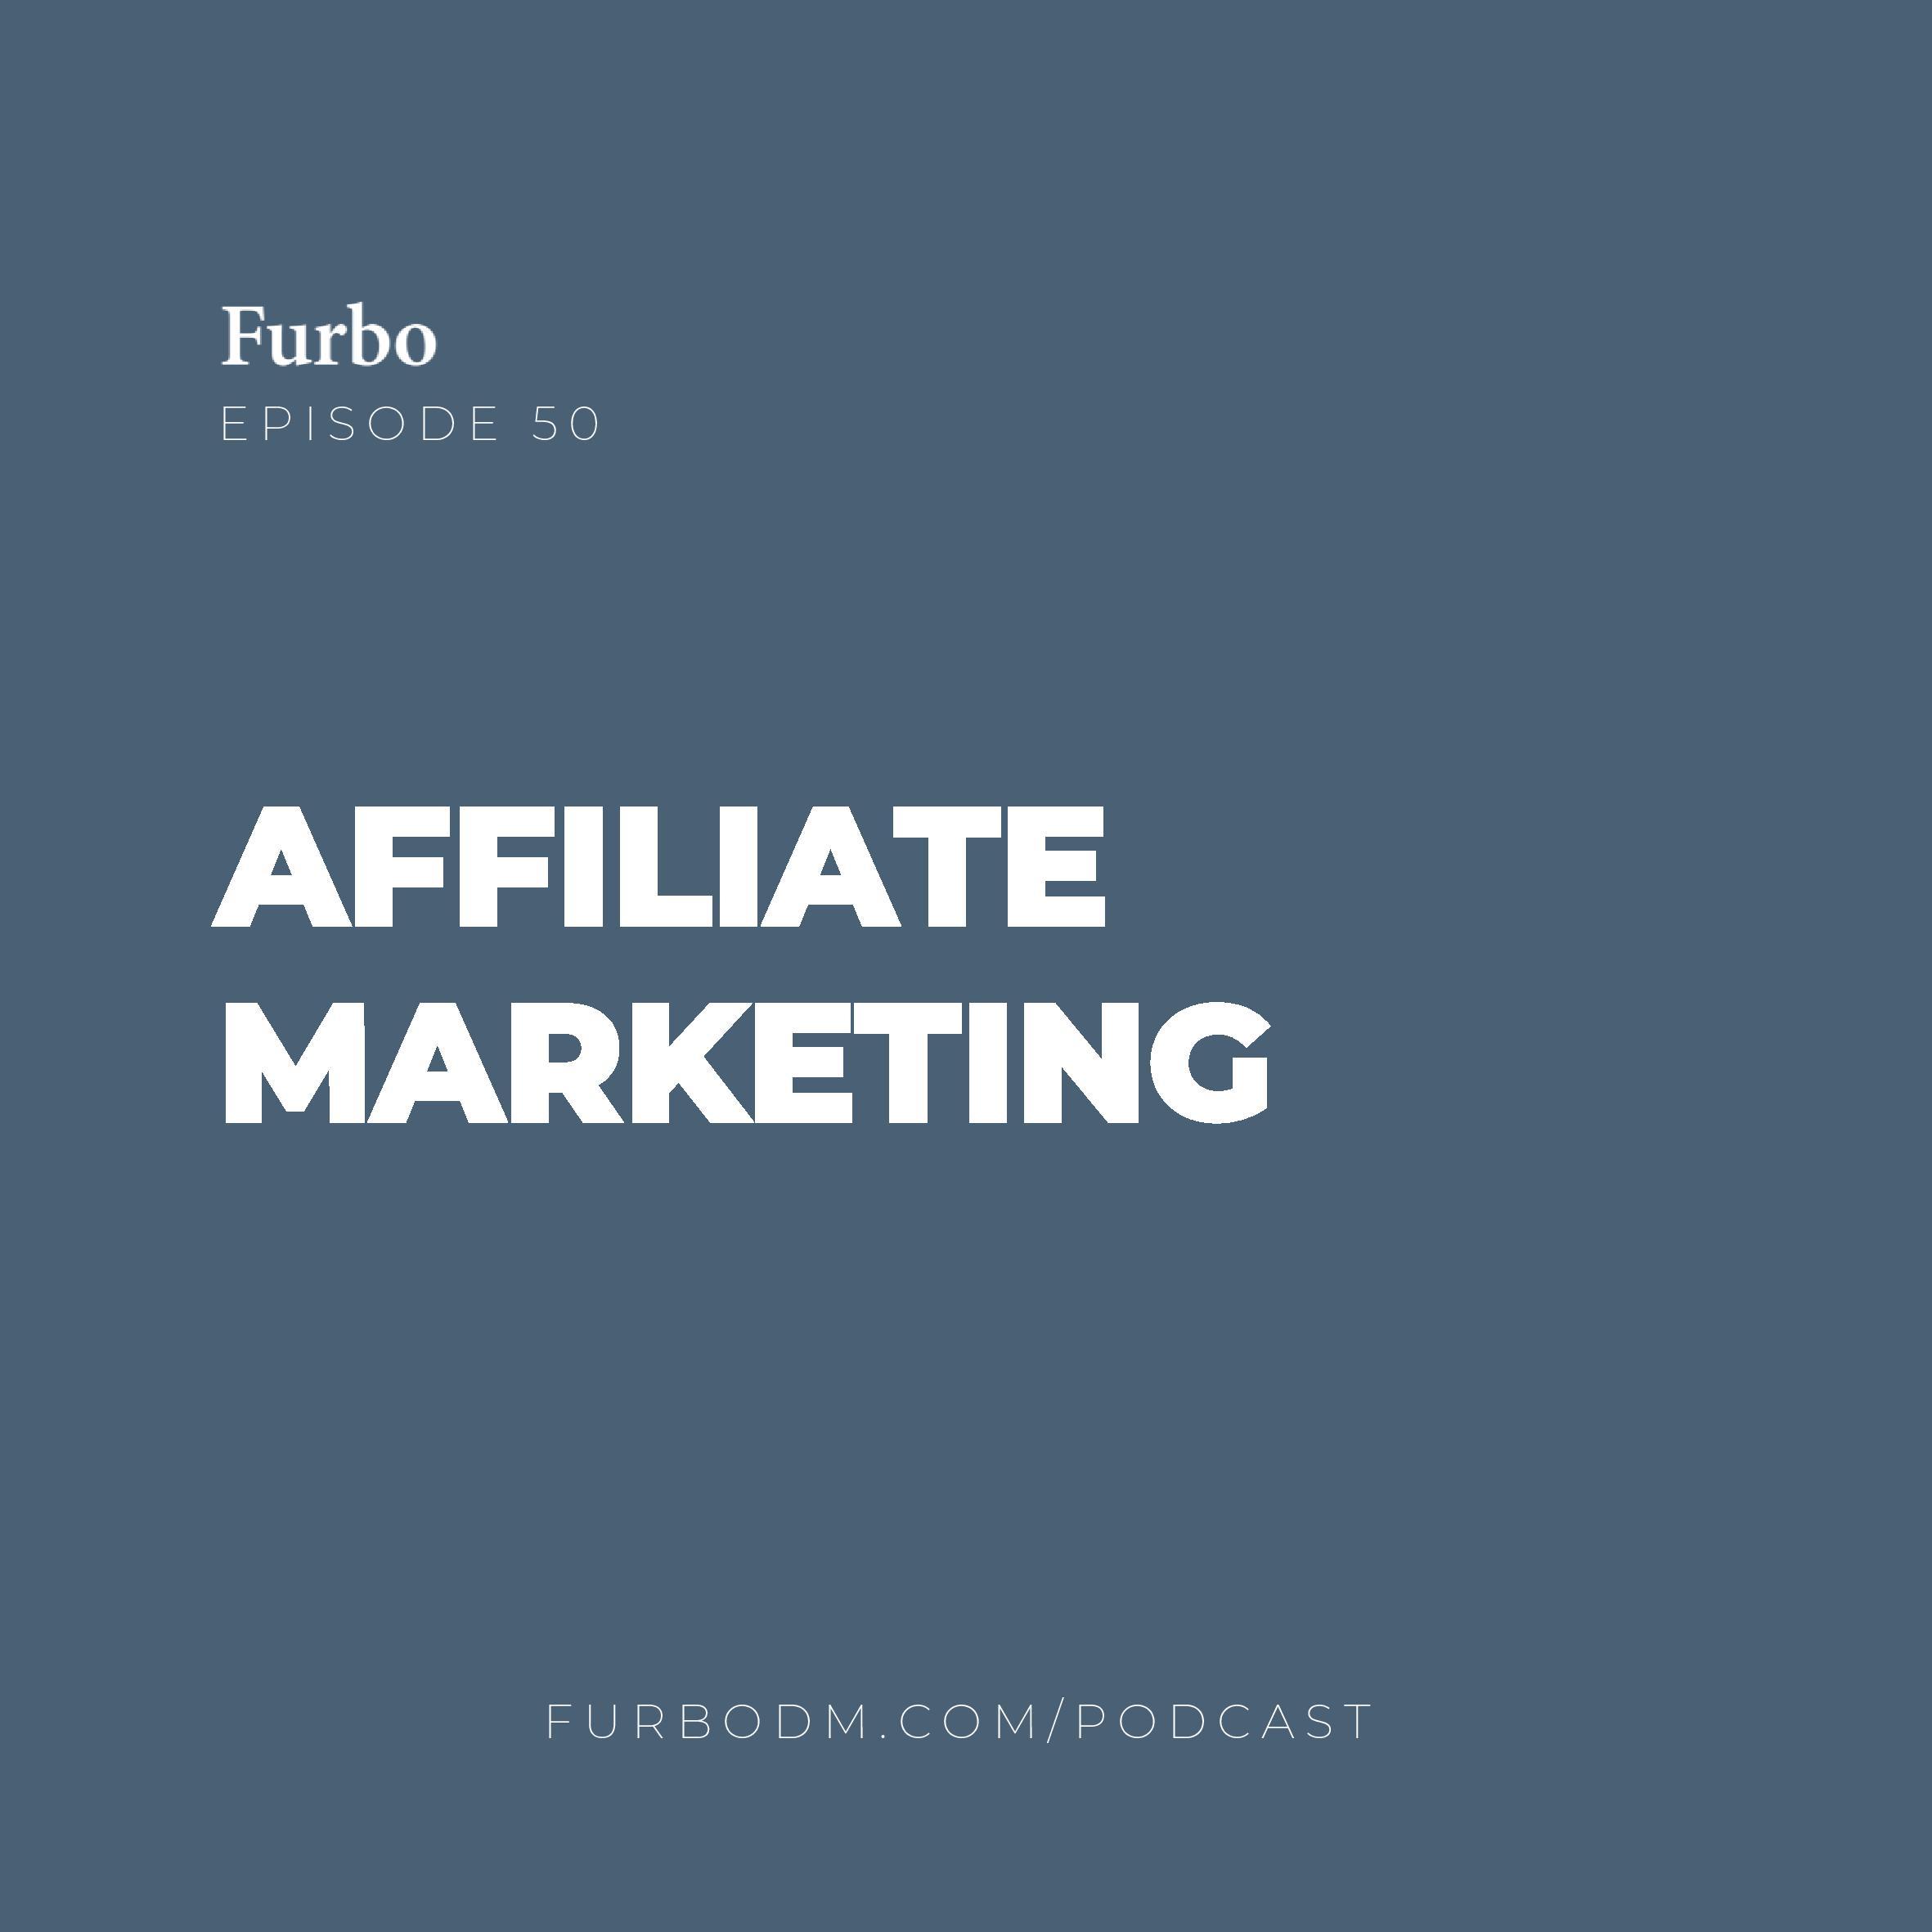 E50: Affiliate Marketing | سیستم همکاری در فروش یا افیلیت مارکتینگ چیست و چگونه کار میکند؟